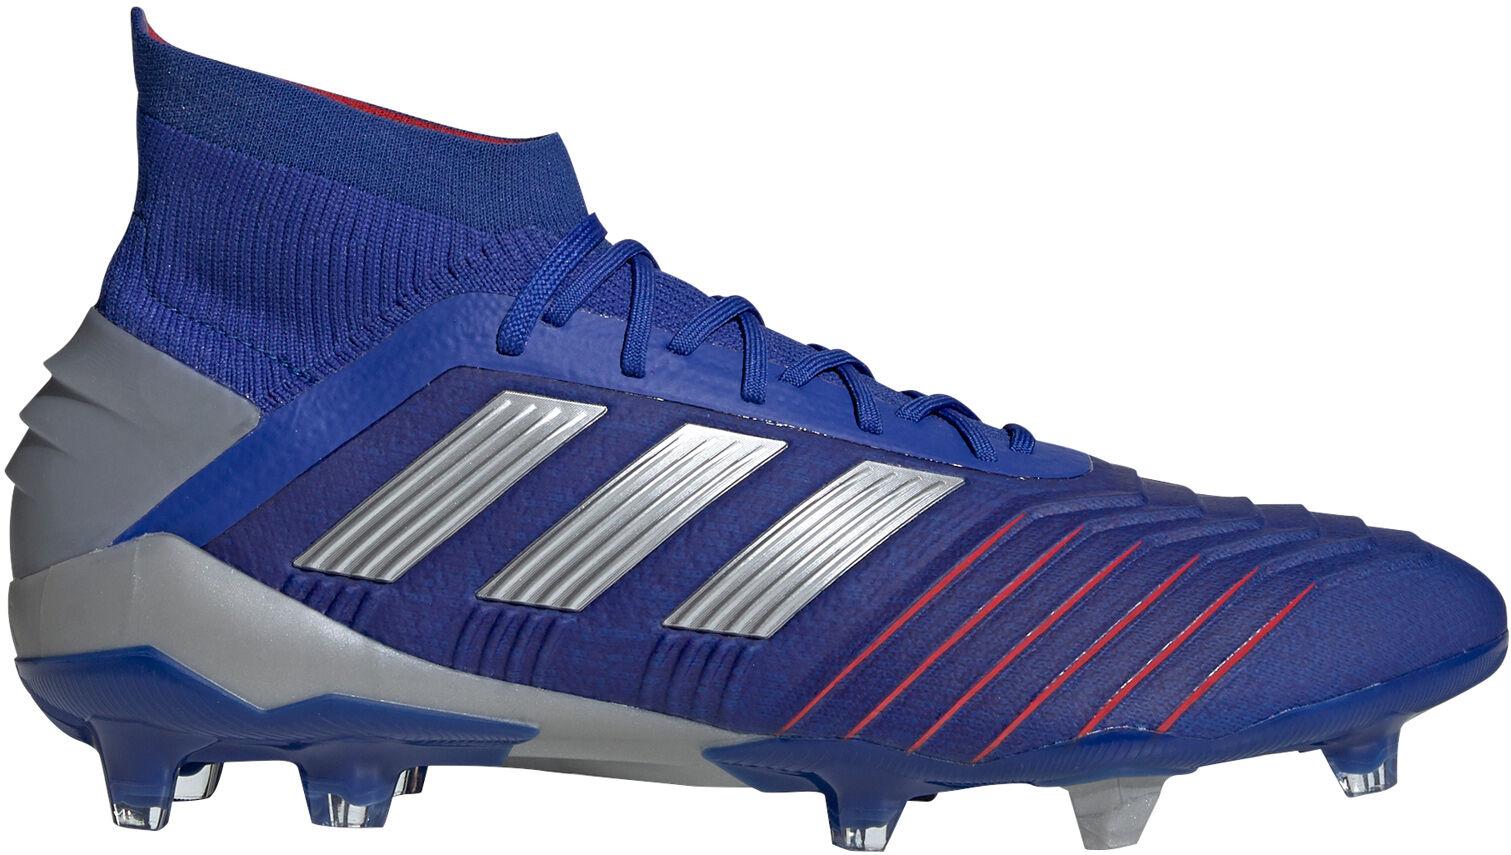 blauwe adidas voetbal schoenen